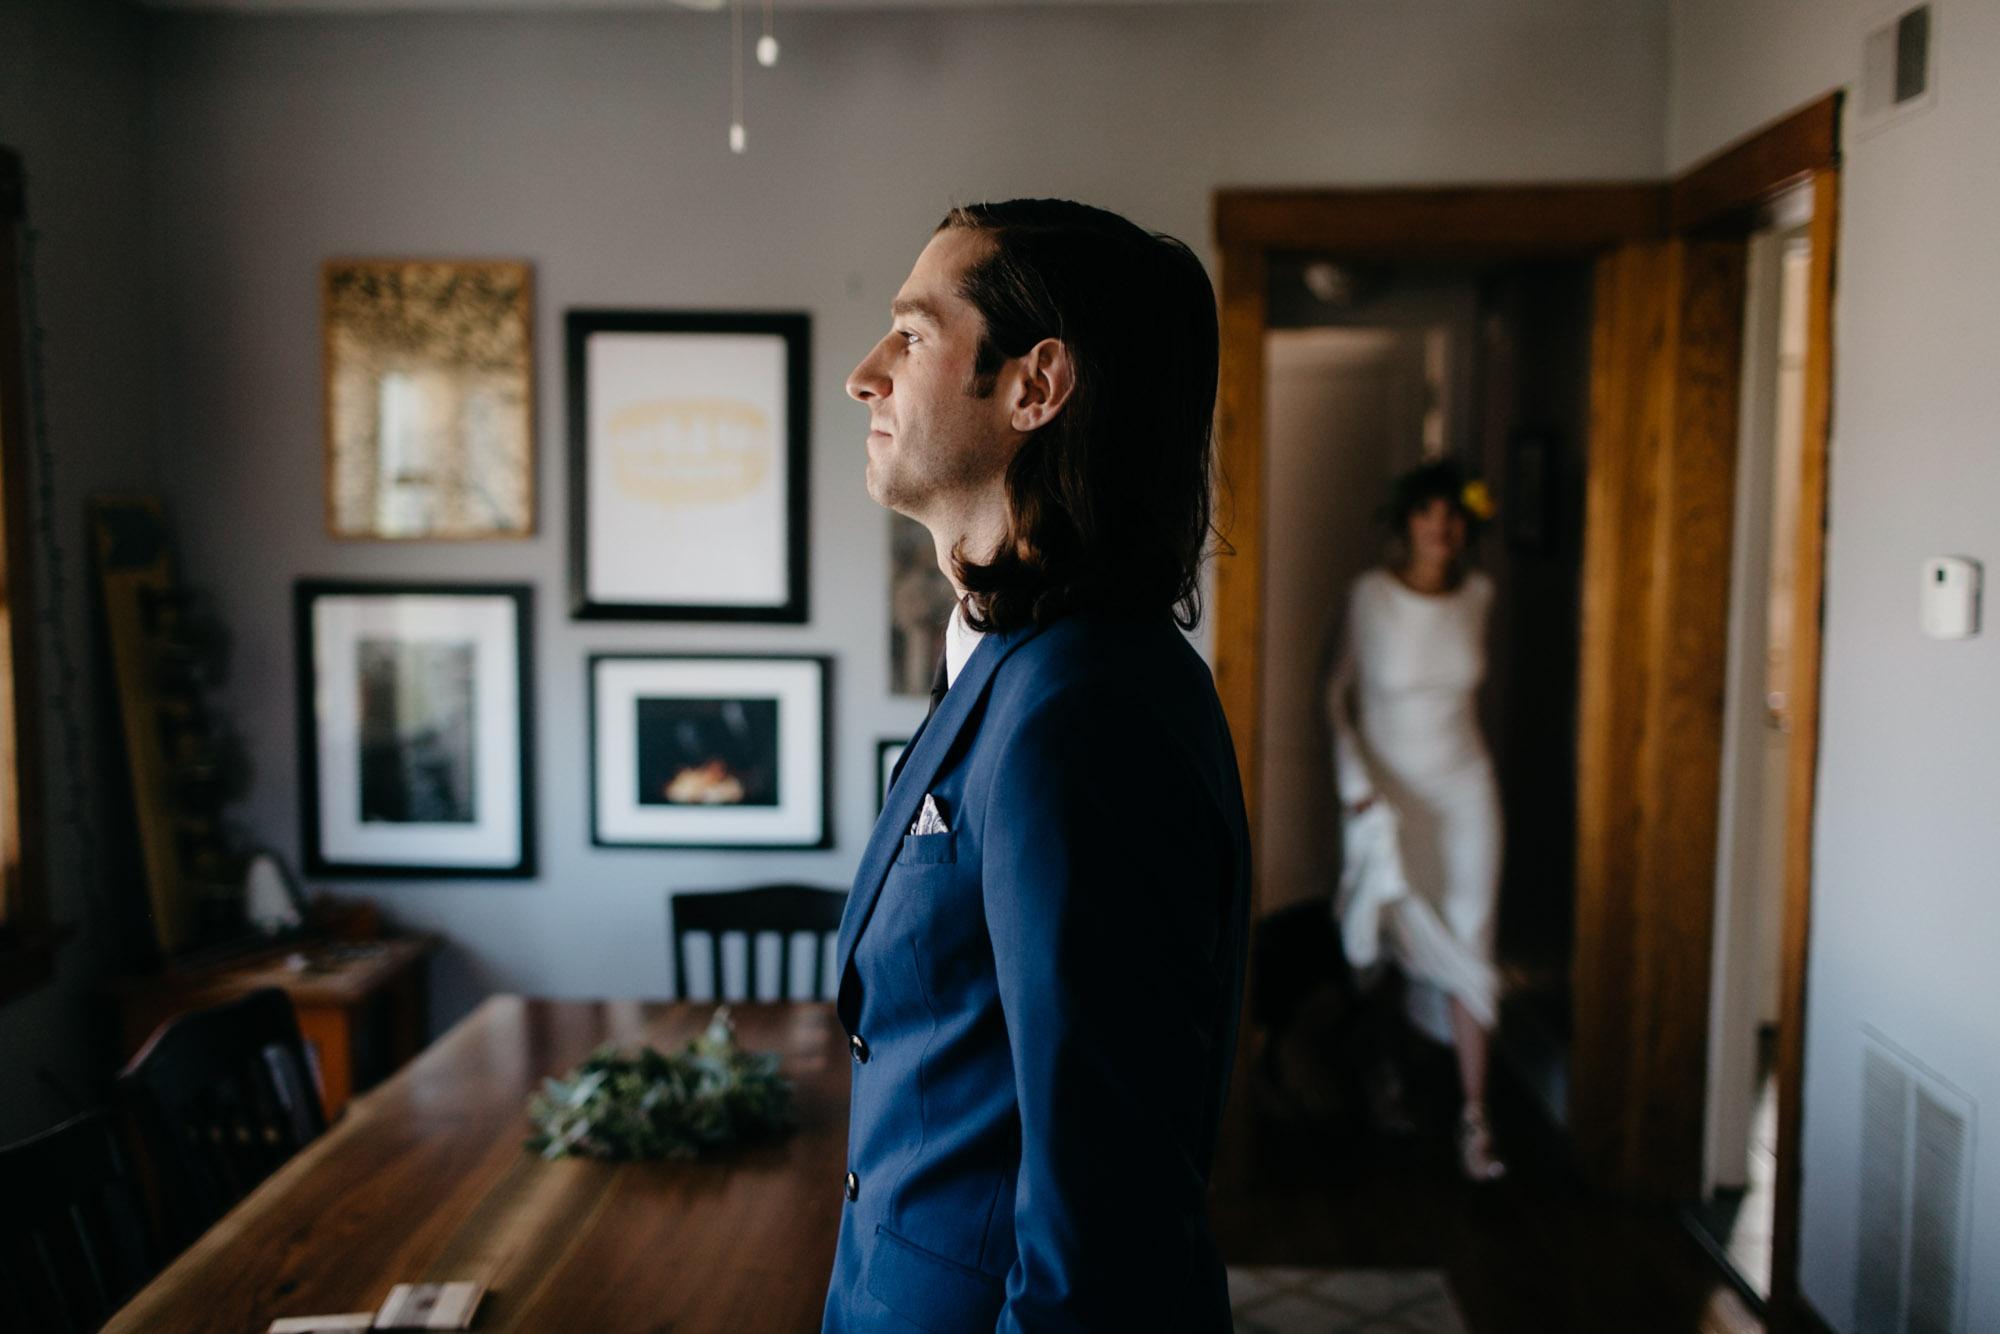 omaha-elopement-photographer-11.jpg